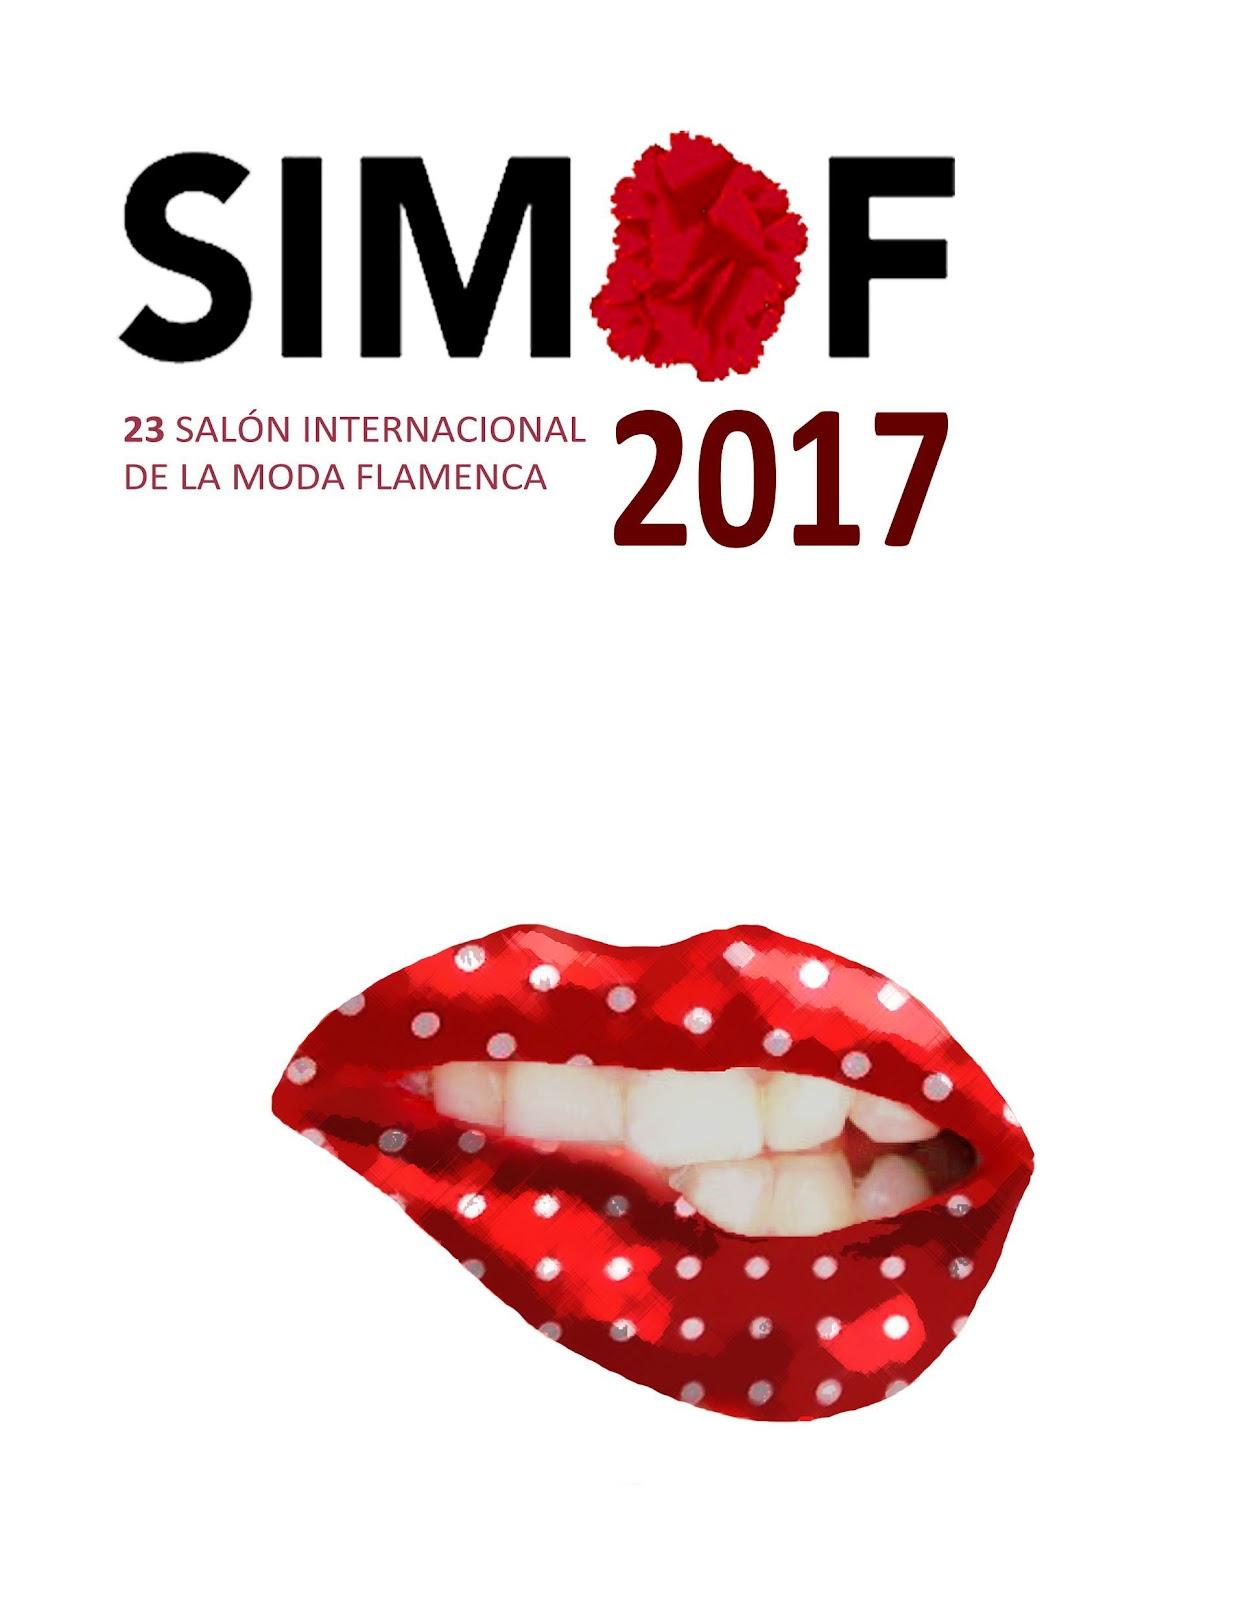 Simof 2017 sal n internacional de la moda flamenca for Salon de la podologie 2017